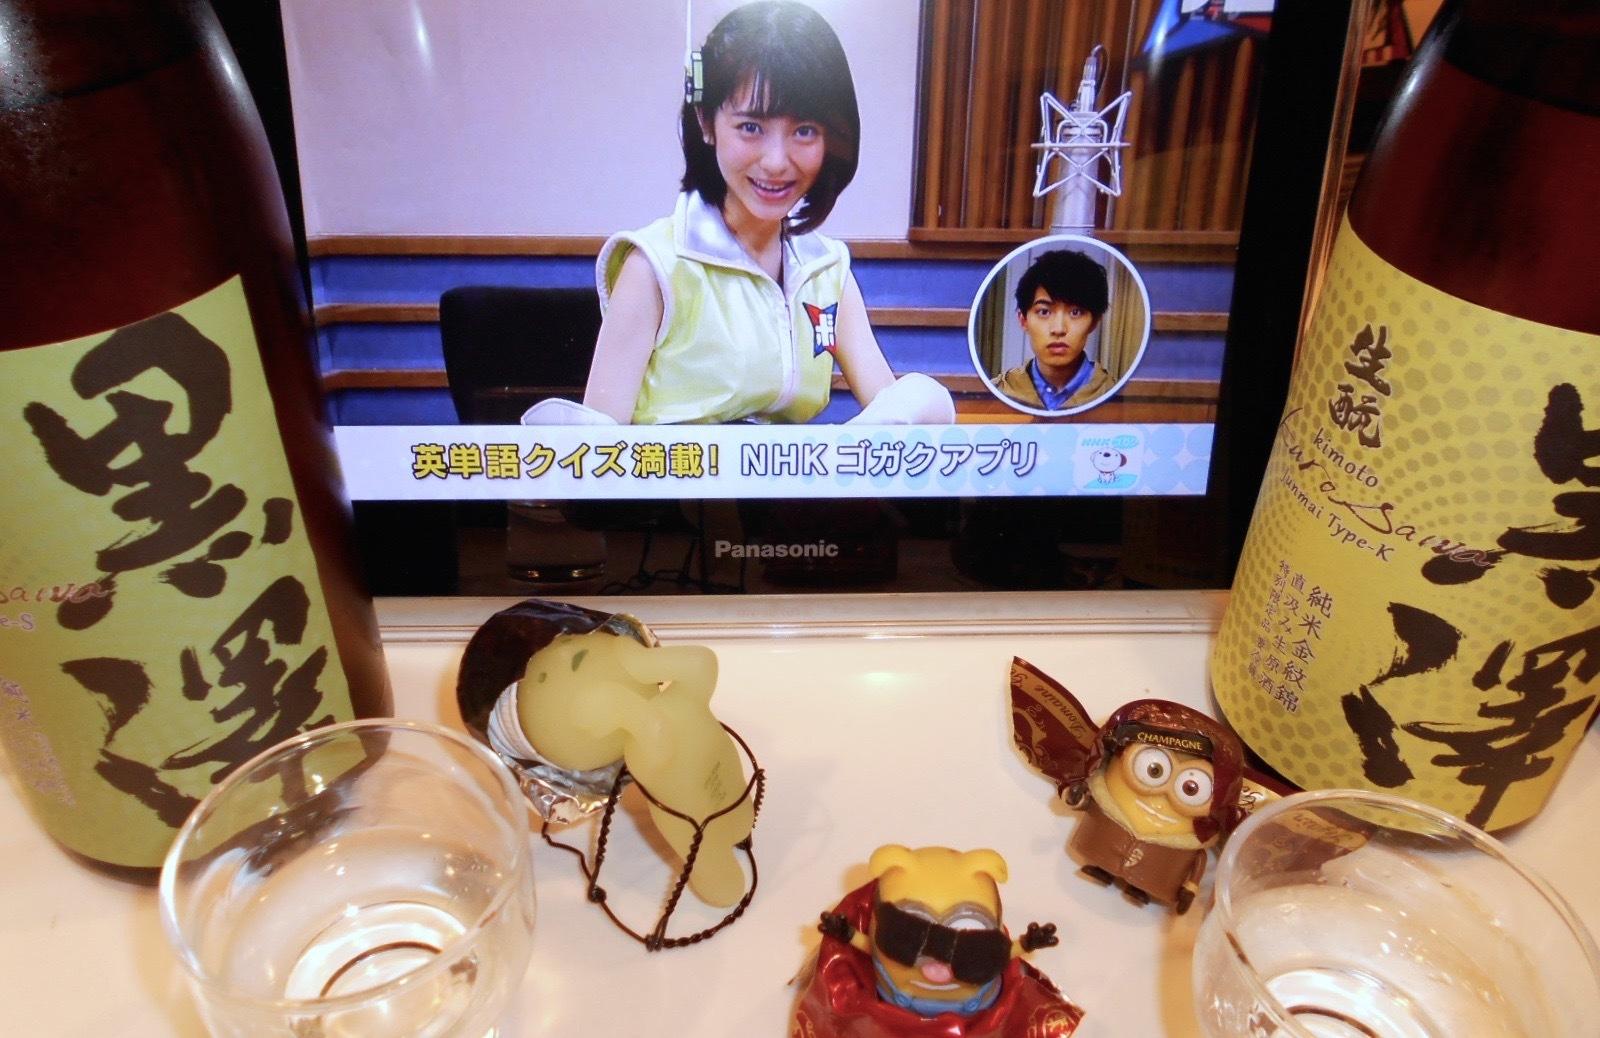 kurosawa_type-k30by1_6.jpg